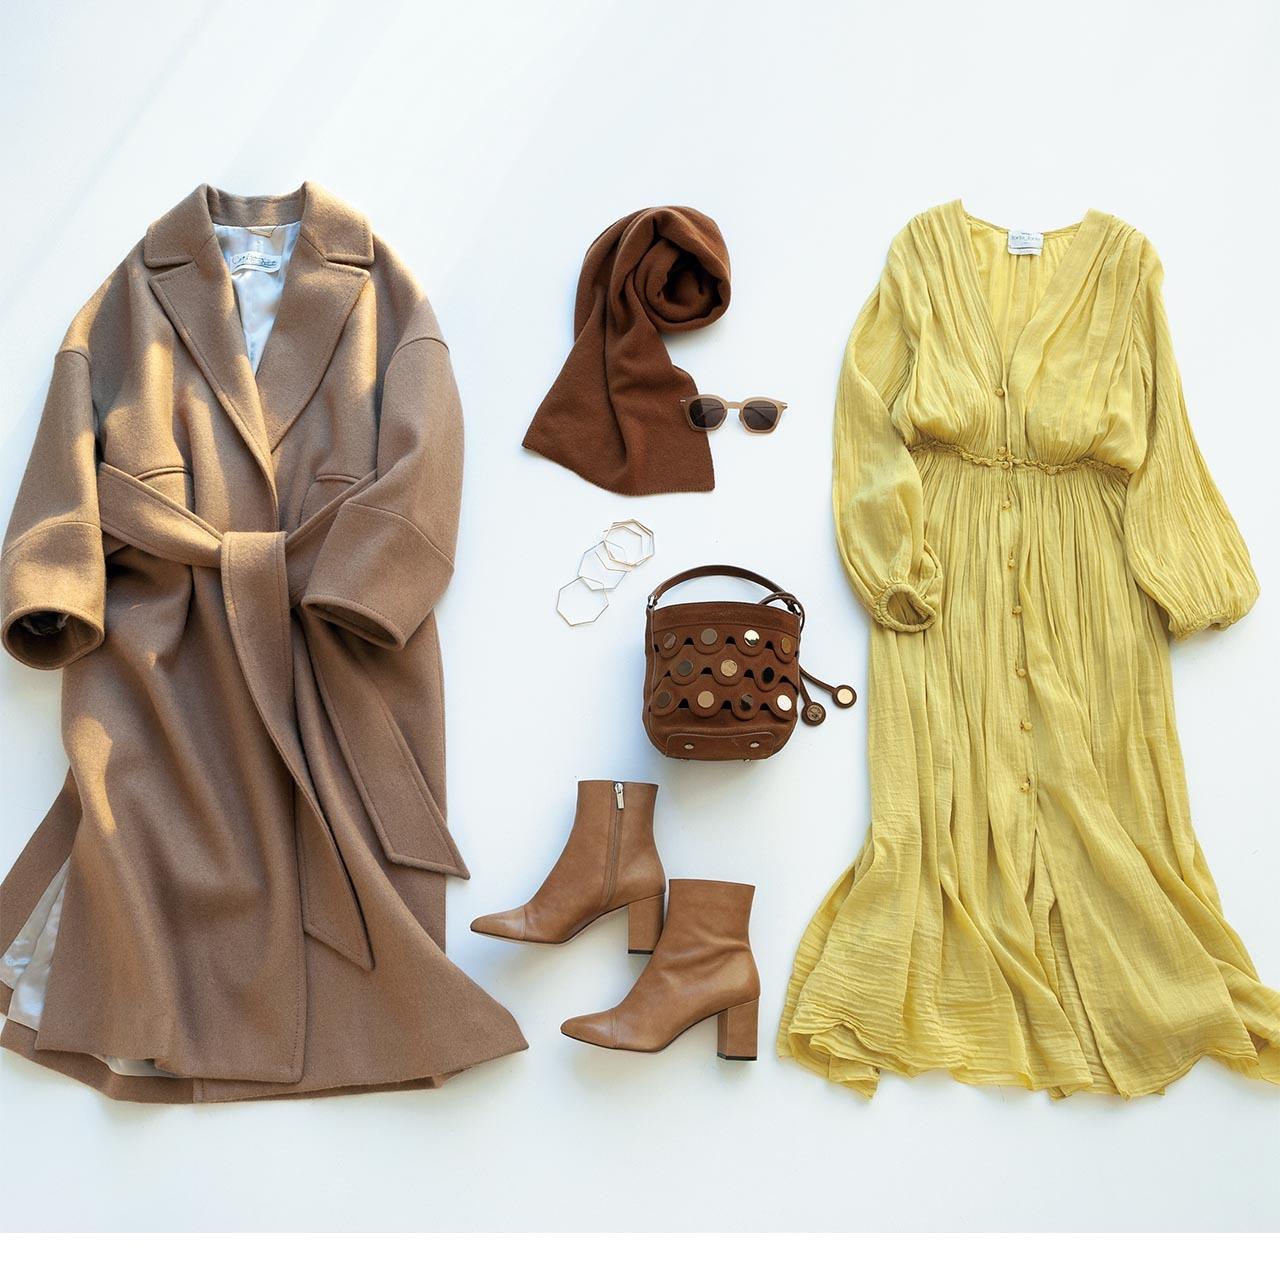 ベージュのコート、イエローのワンピース、ブラウンのストール、ブラウンのバッグ、ベージュのブーツ